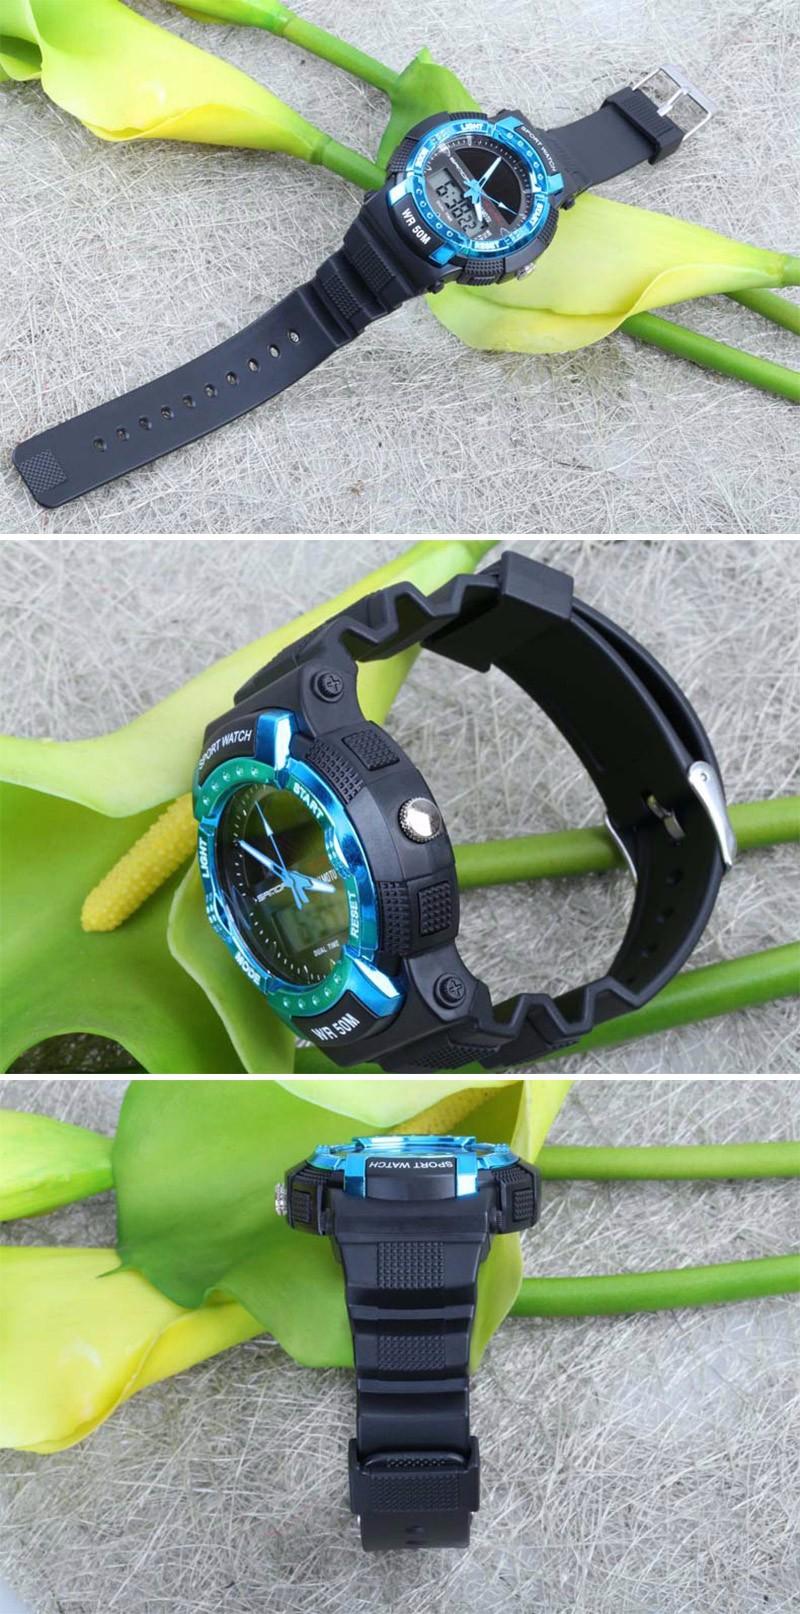 Новый стиль Открытый Военный Часы Цифровые Наручные Часы функциональный низкоуглеродистой зеленый водонепроницаемый спортивные часы Унисекс часы